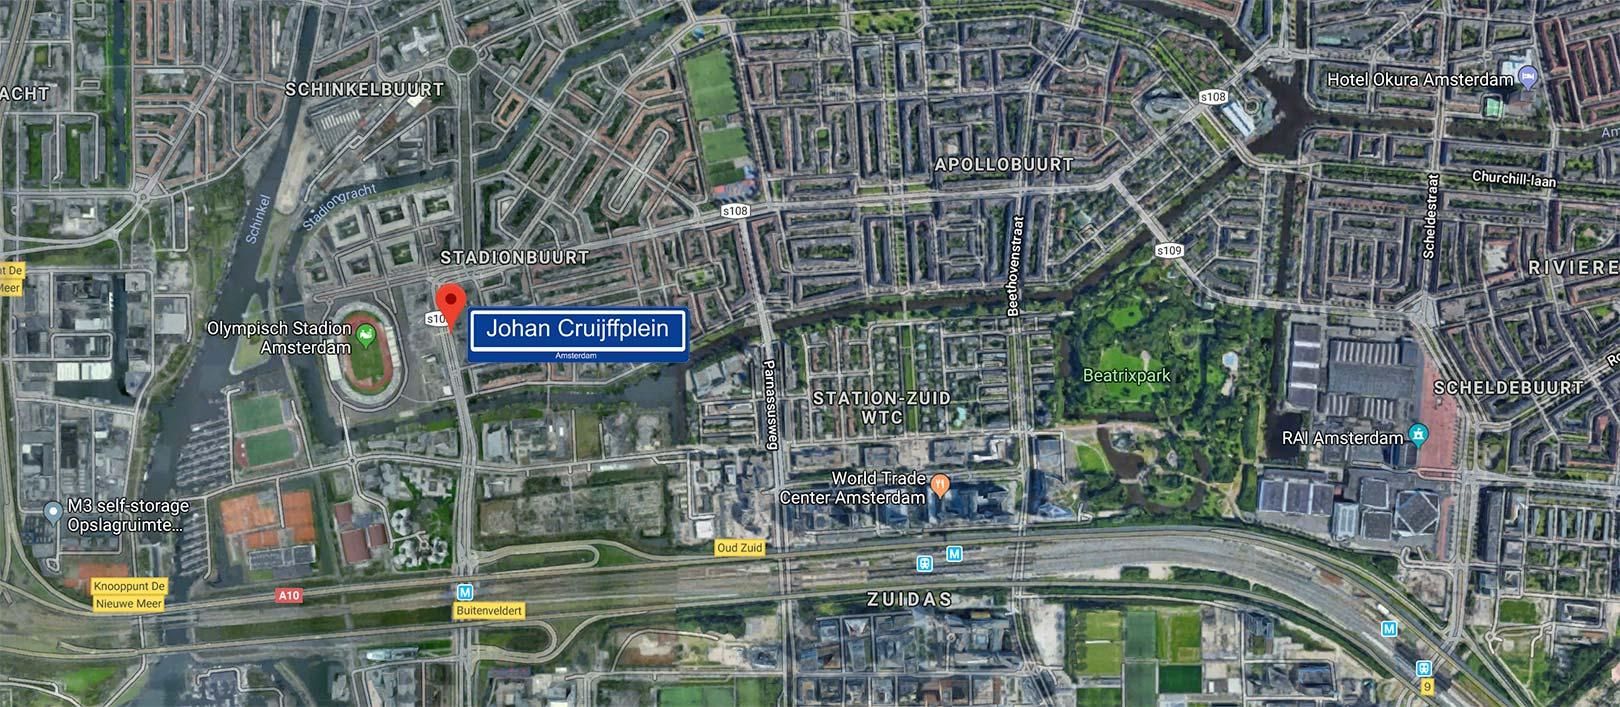 Johan Cruyff Square